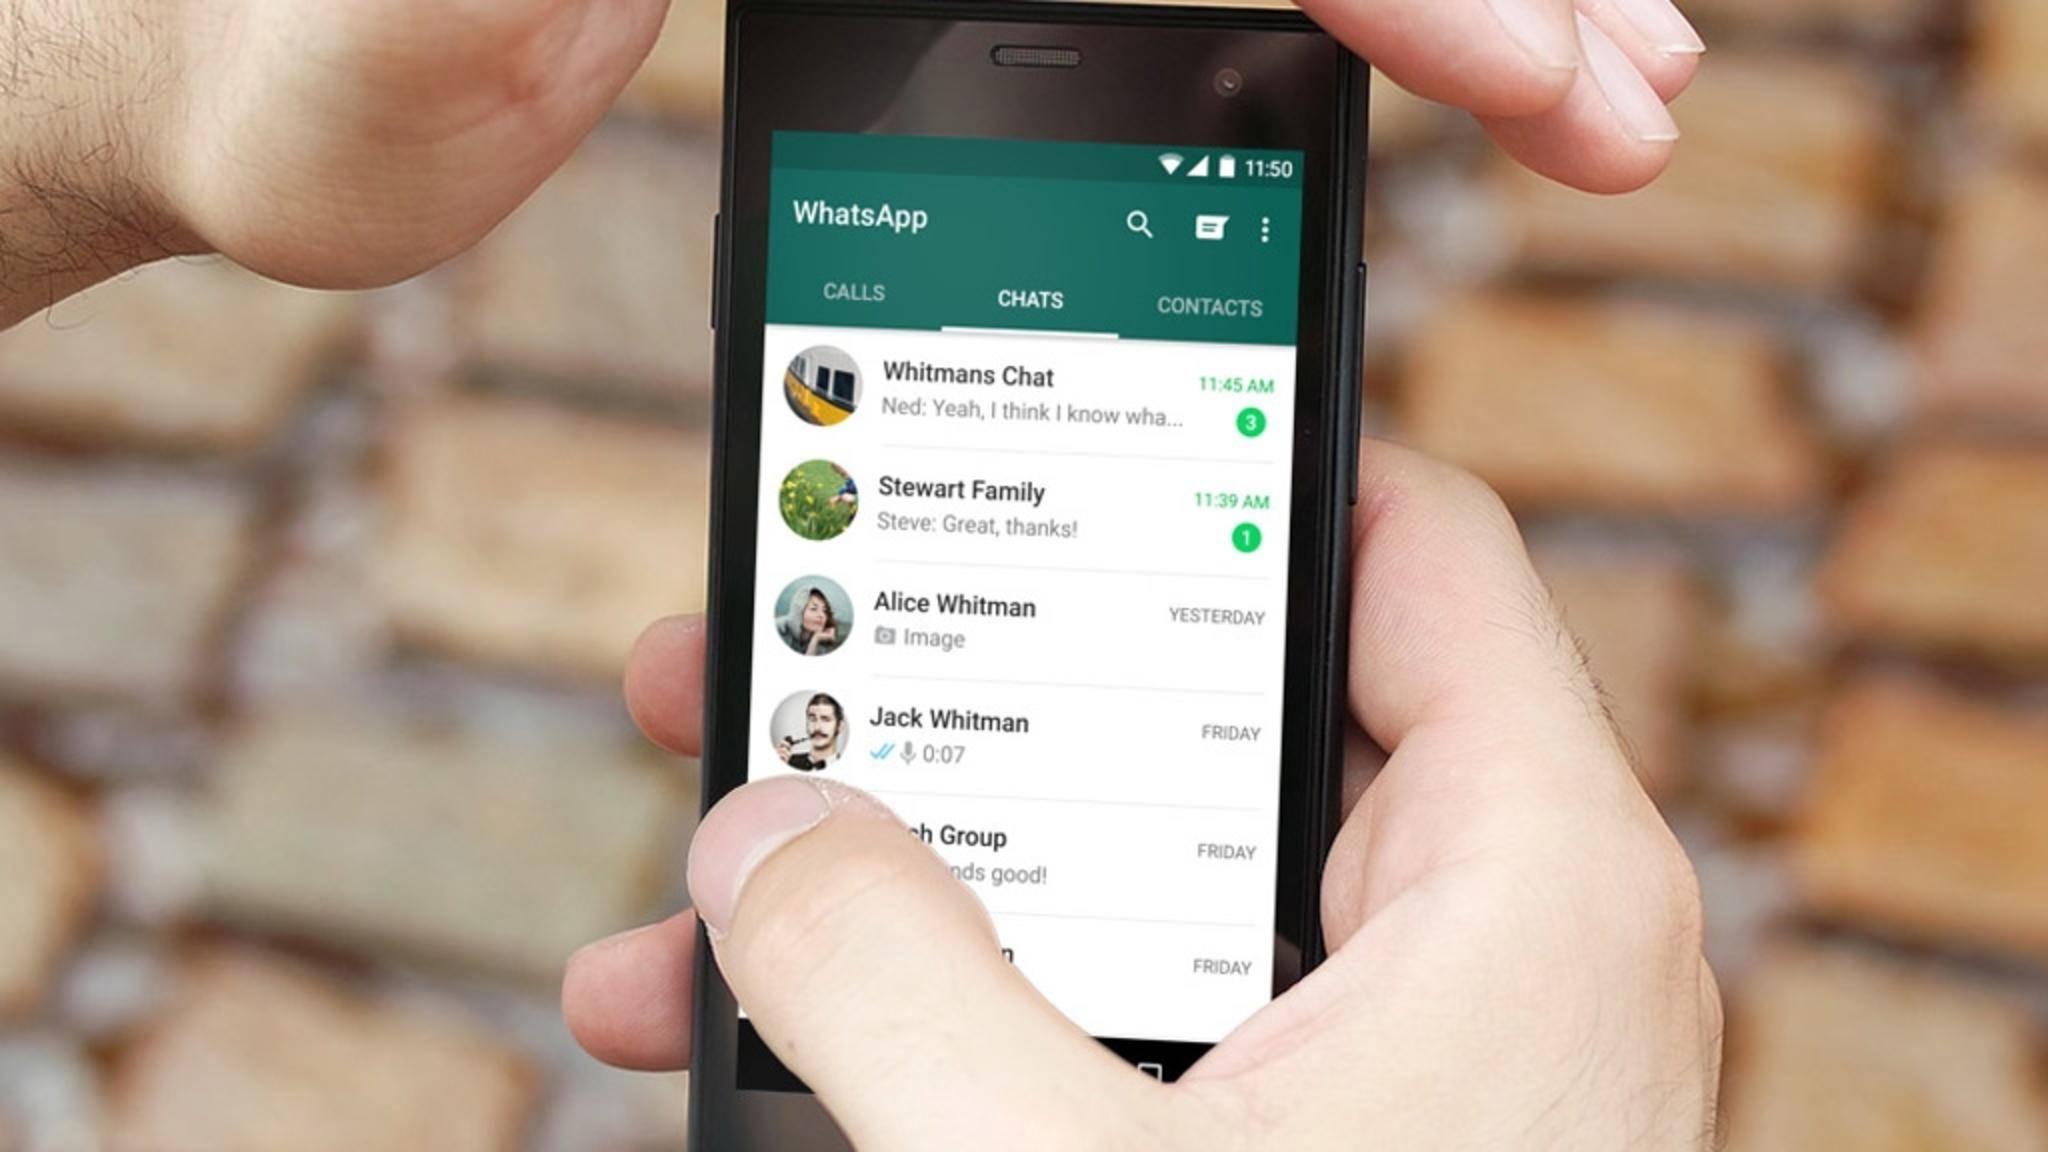 Bald kannst Du Dein Handy schütteln, um zum WhatsApp-Support zu gelangen.